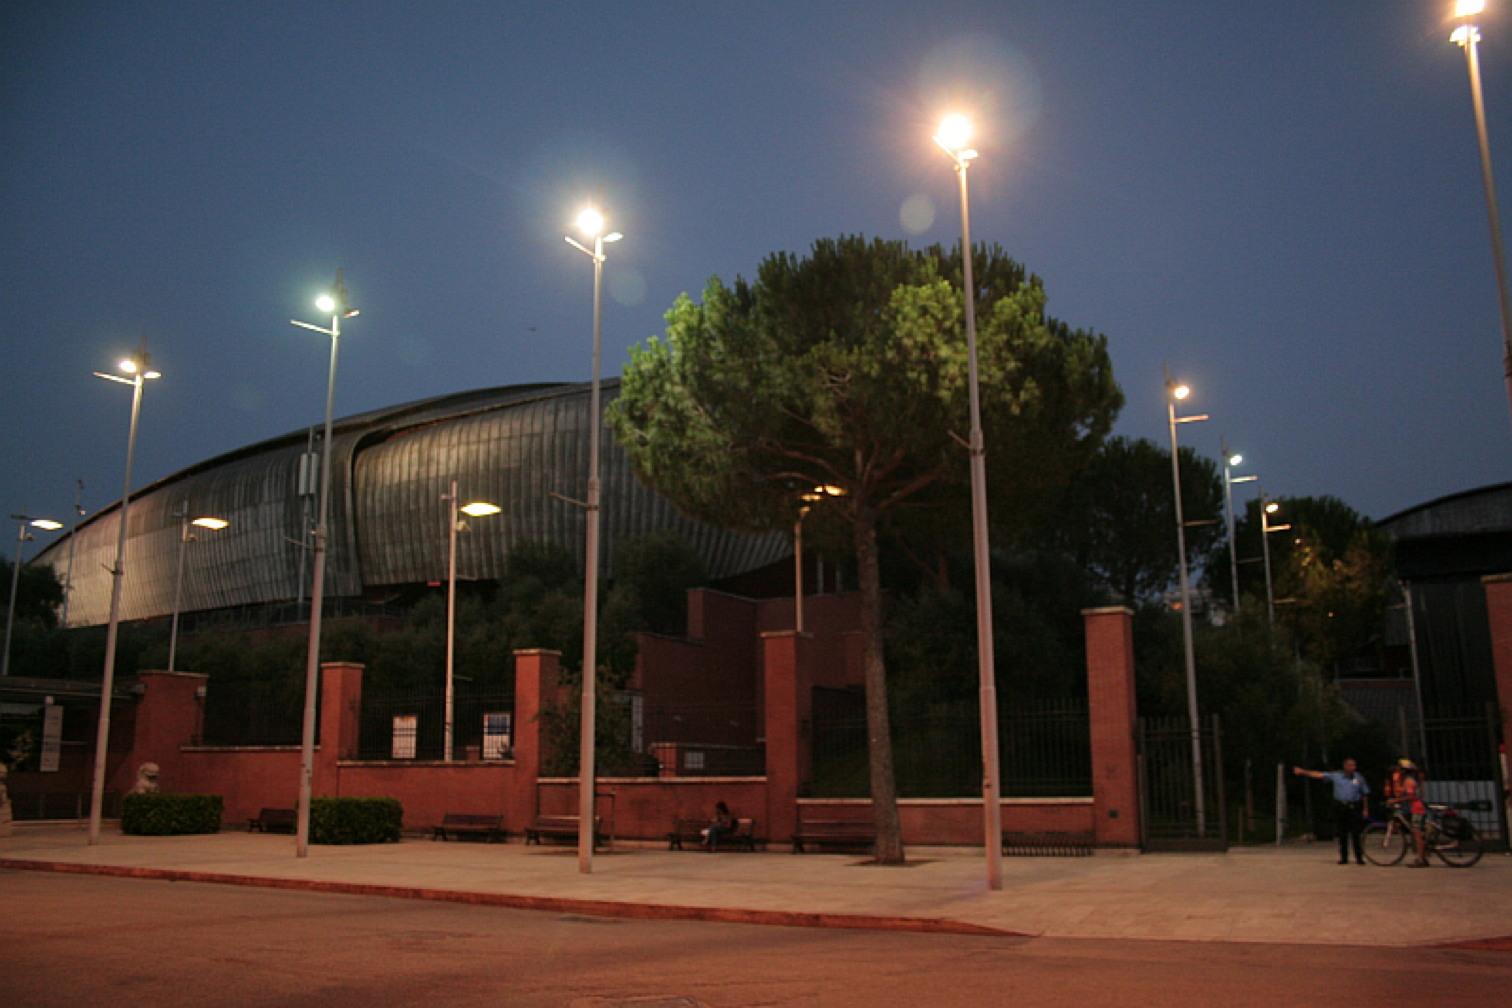 Gergely Auditorium in Rome